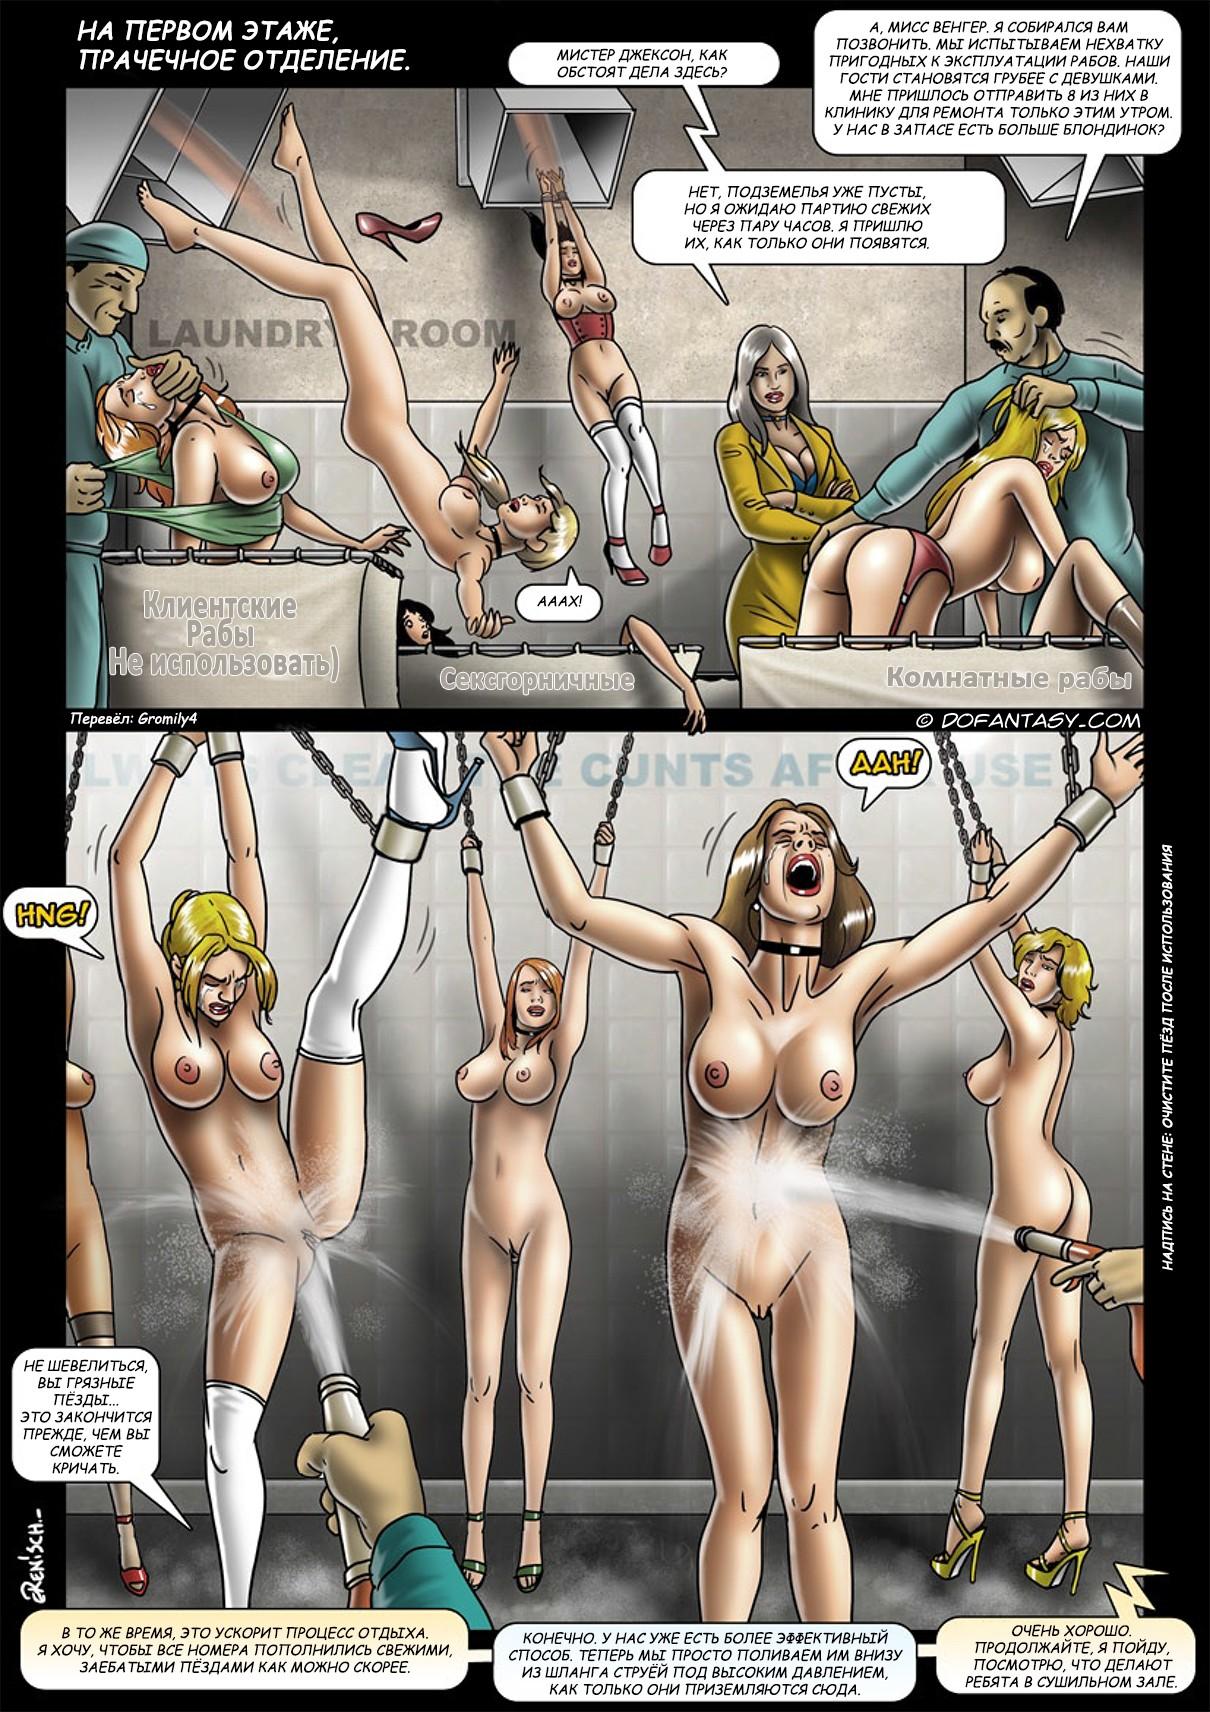 smotret-porno-pro-rabov